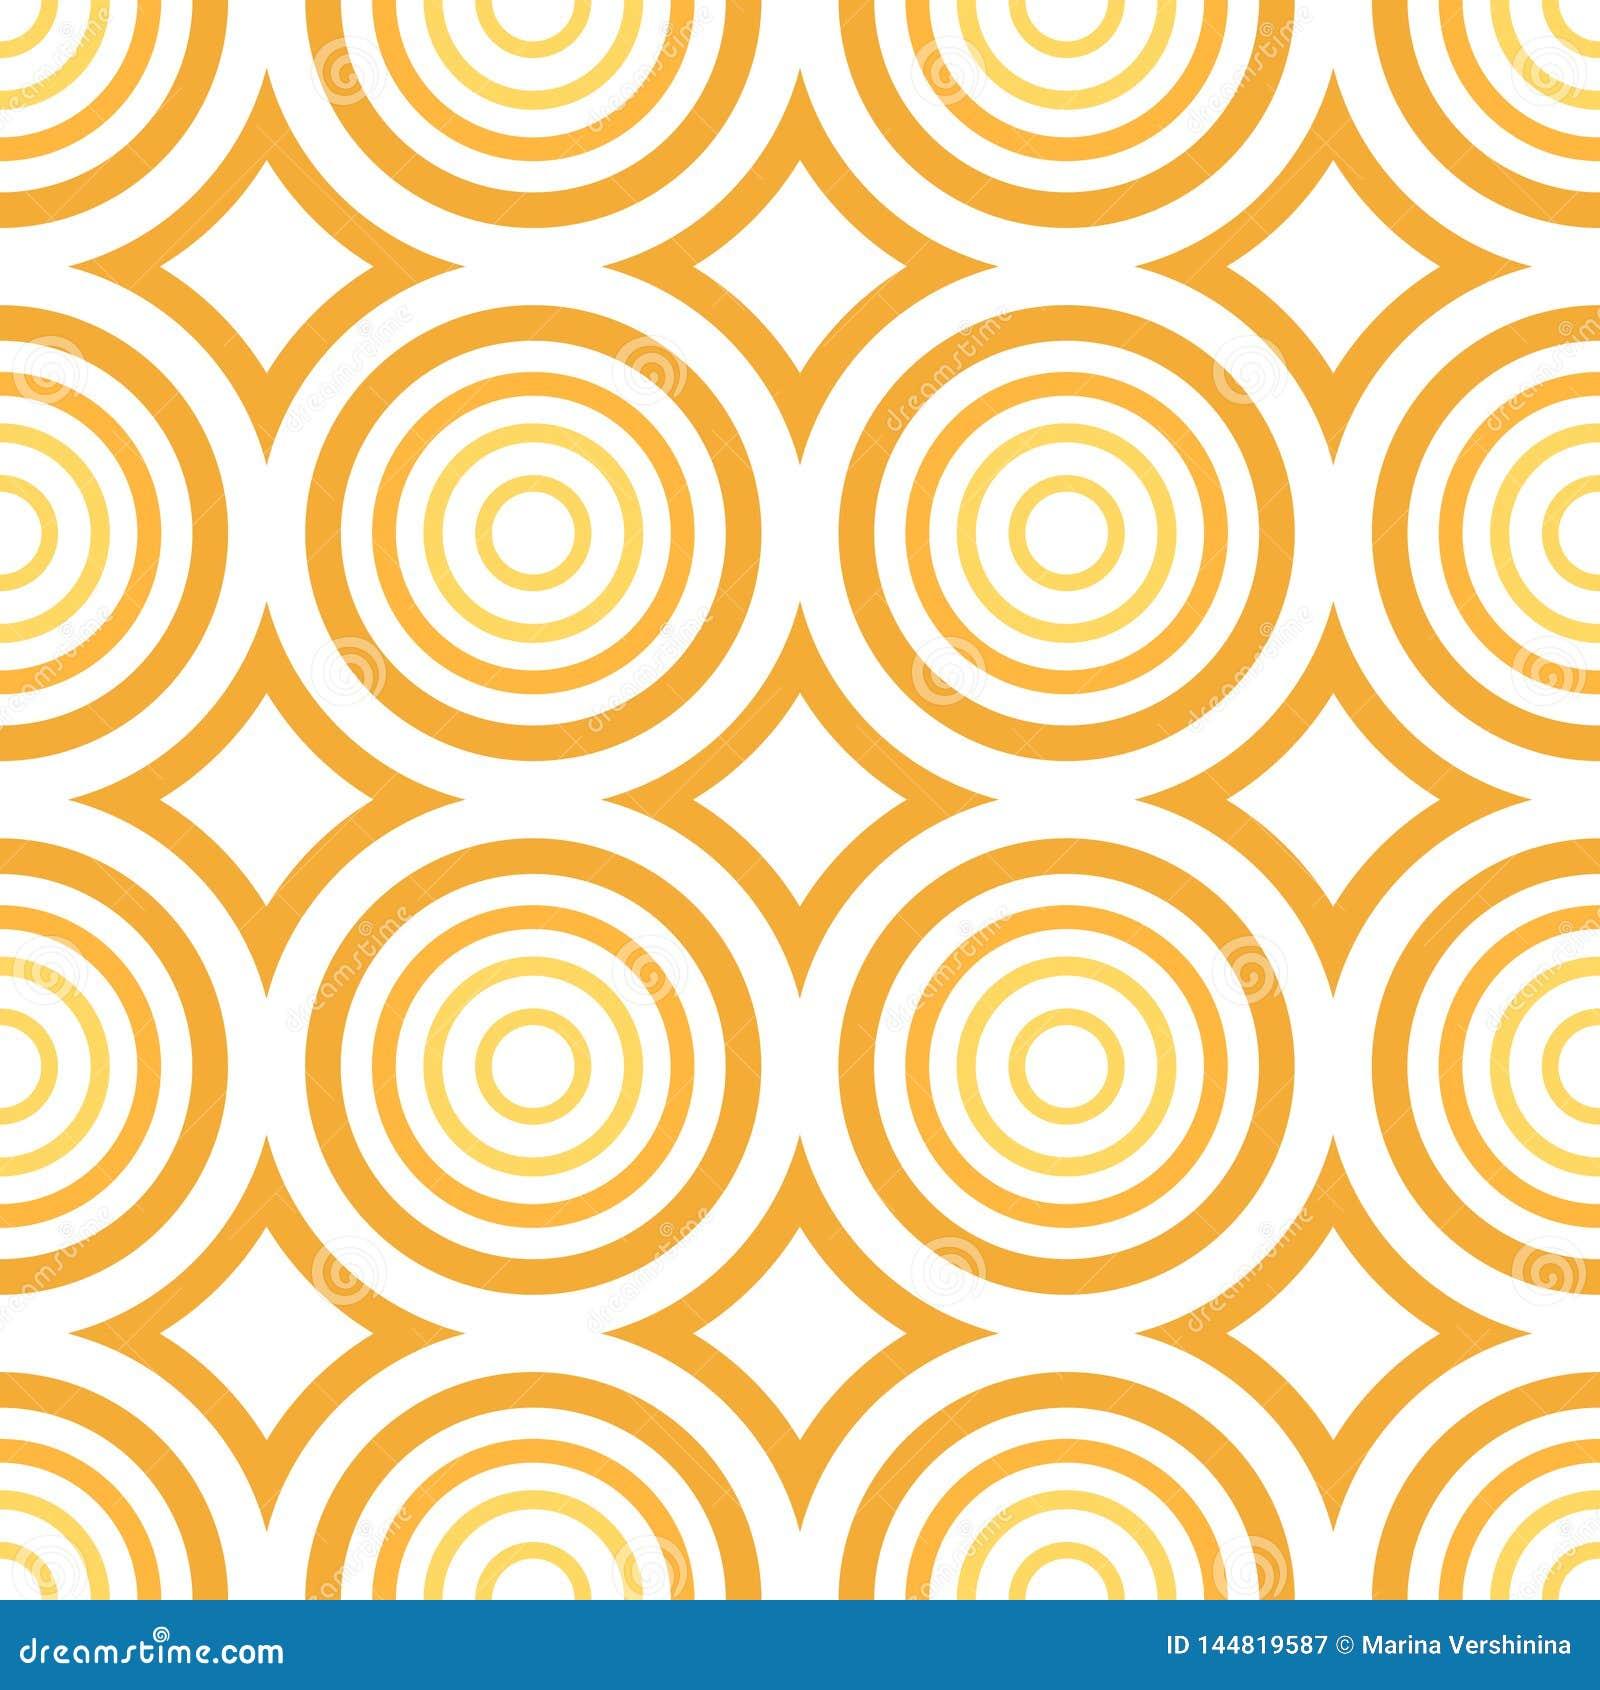 Vector seamless - orange circle pattern